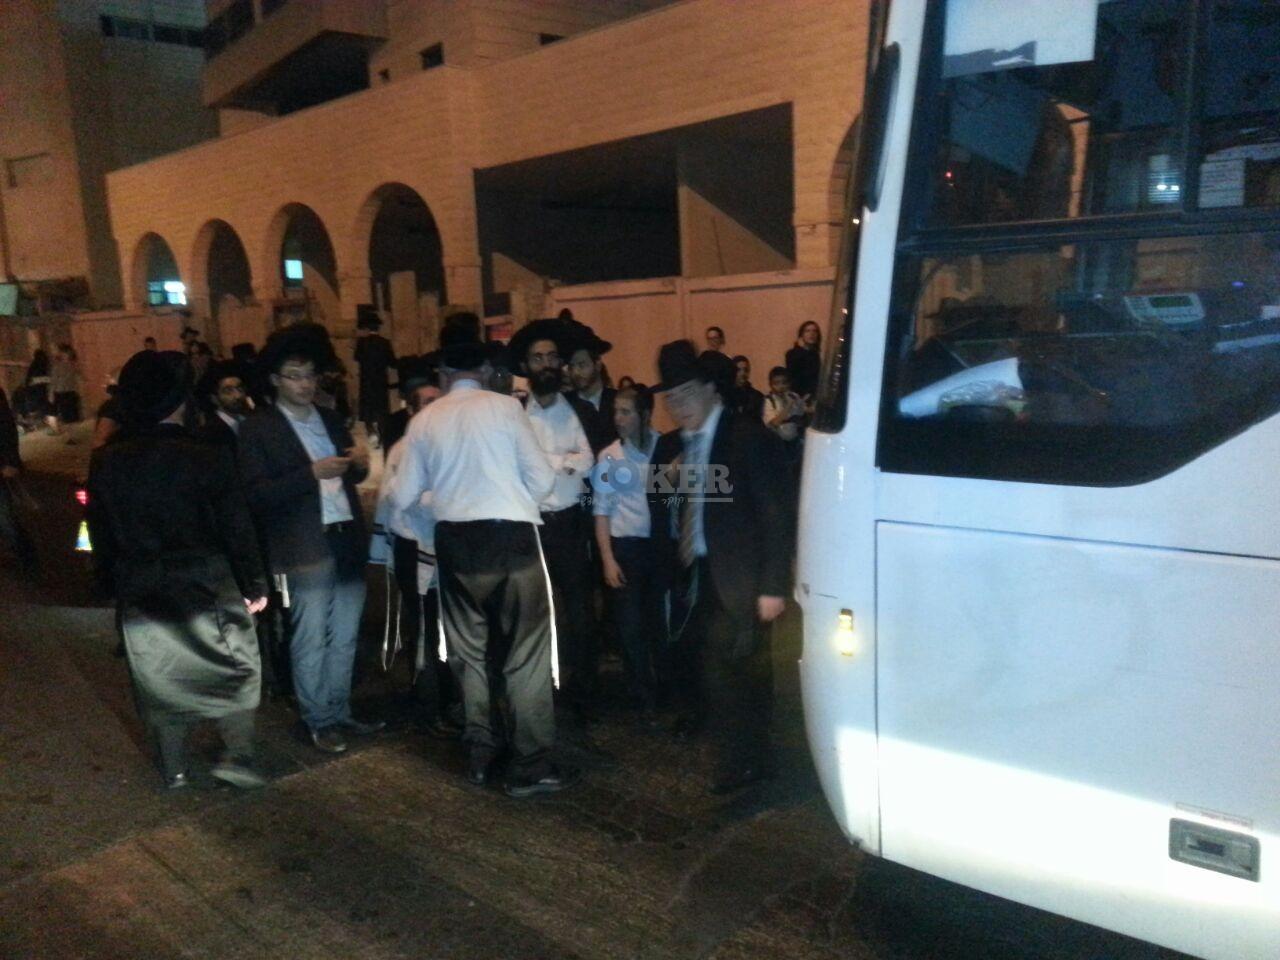 חסימות אוטובוסים השומר צילם יהודה רחמים 24 (6)